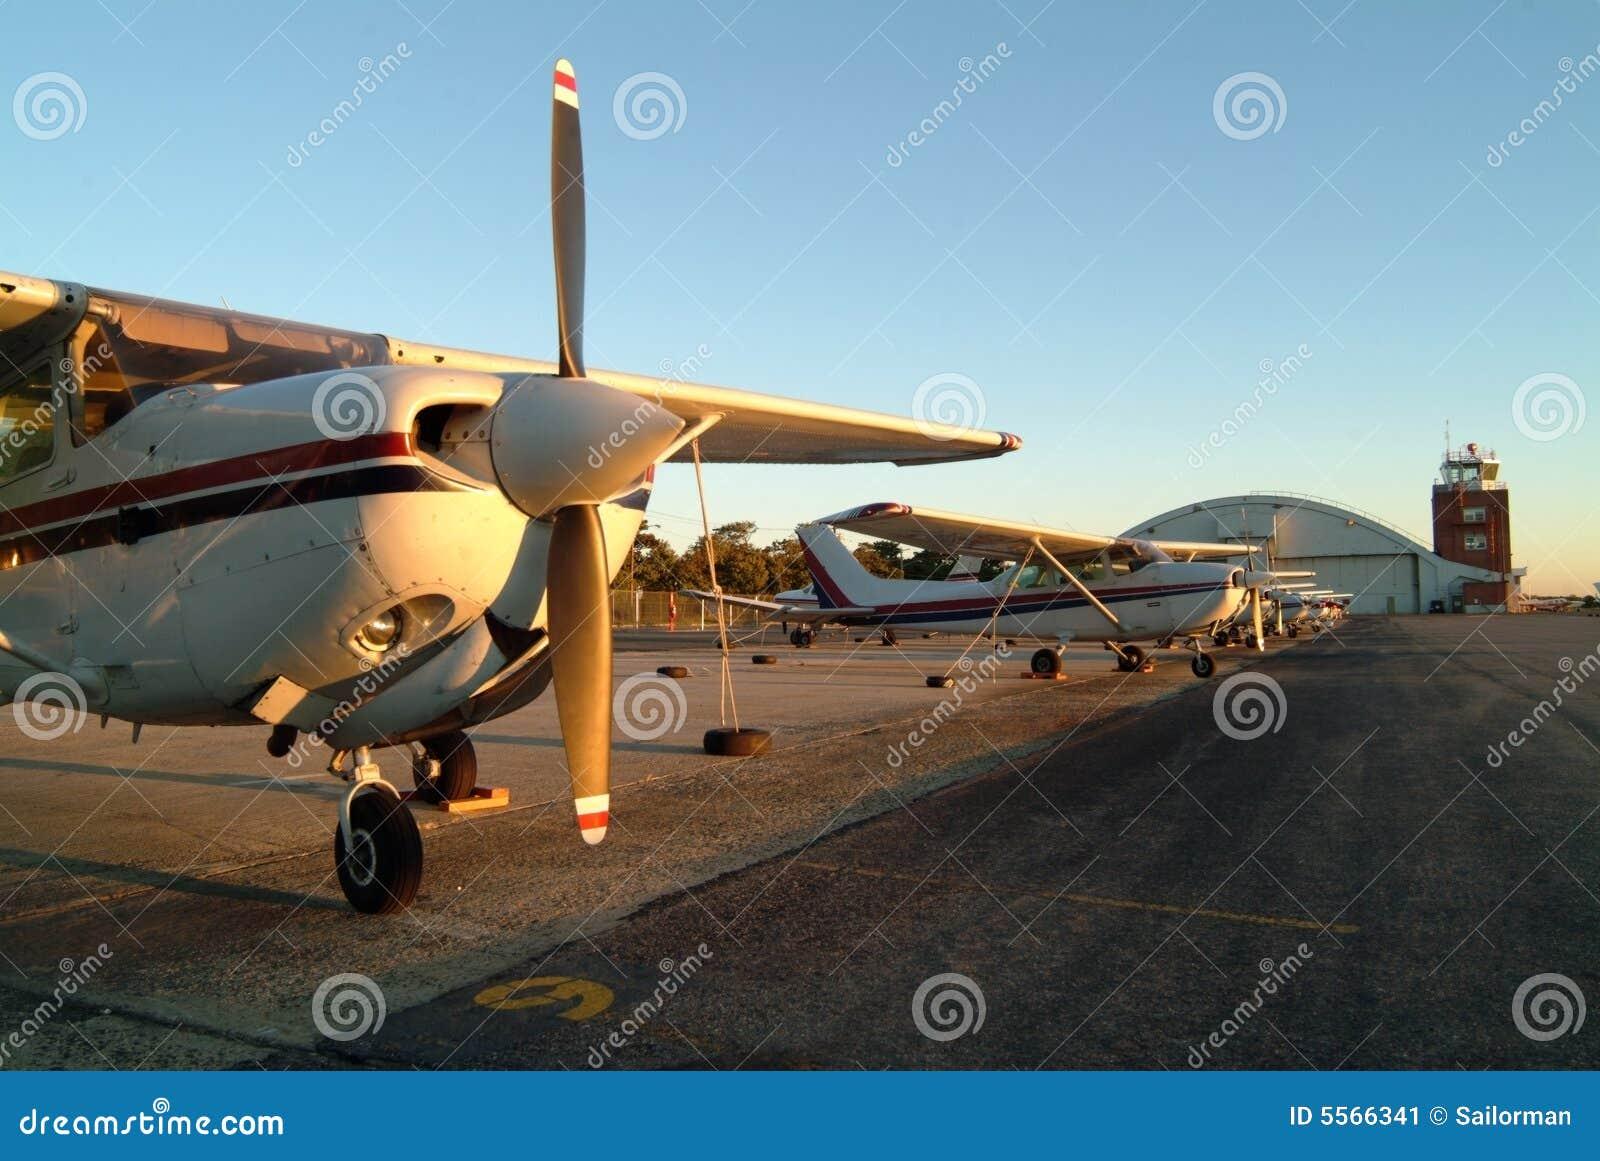 Vliegtuigen die op het tarmac worden opgesteld.